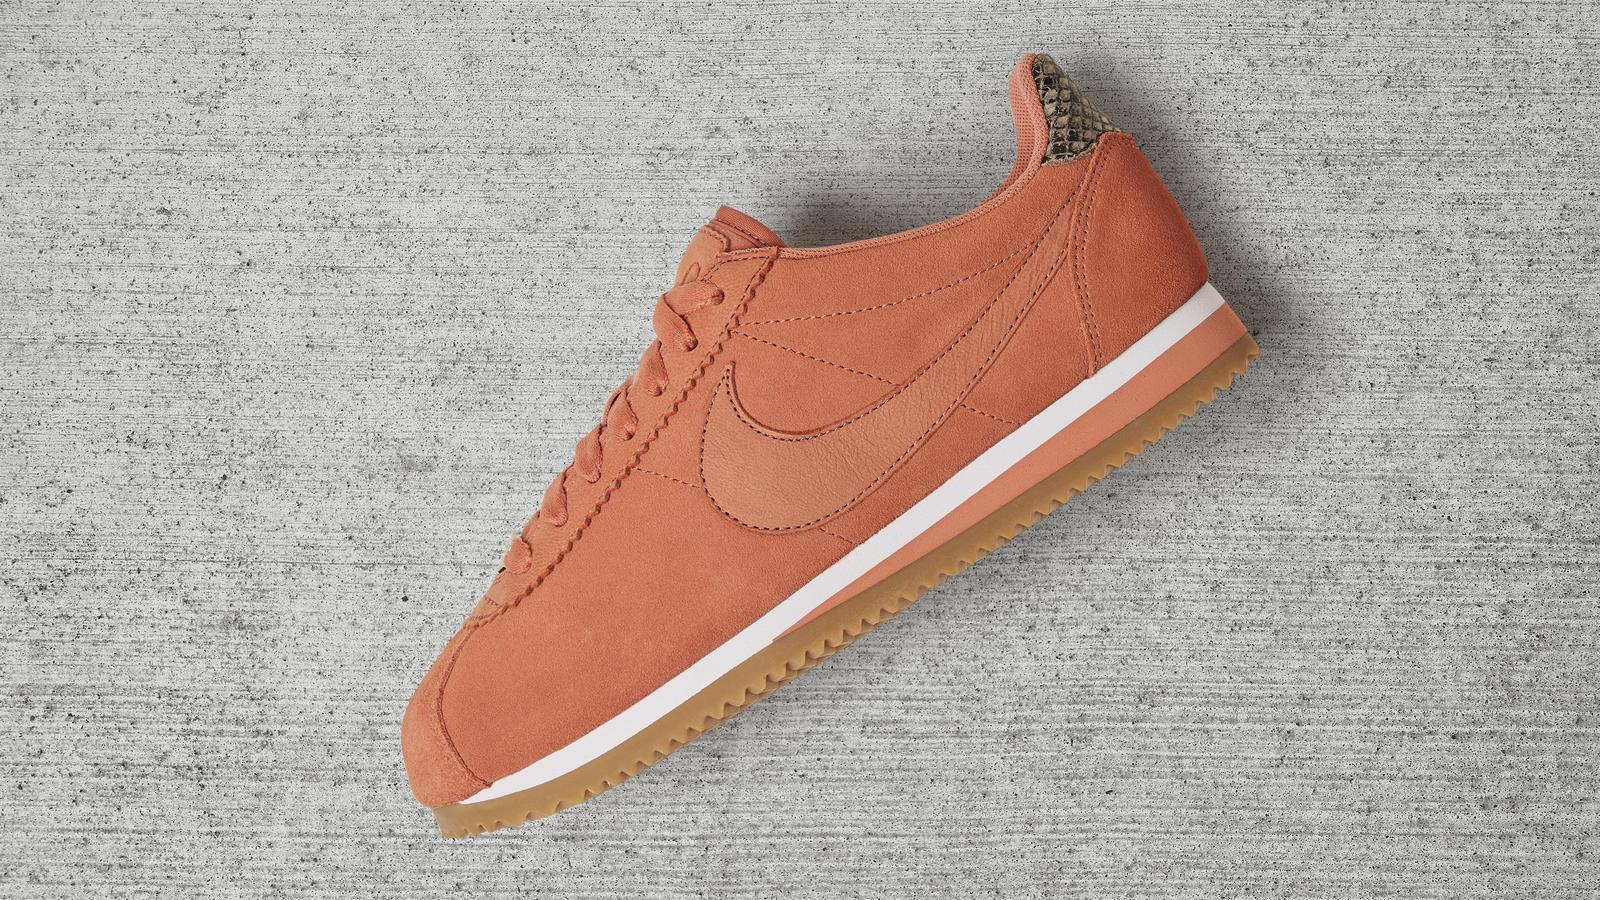 170519 footwear cortez alc pnk 0172 hd 1600